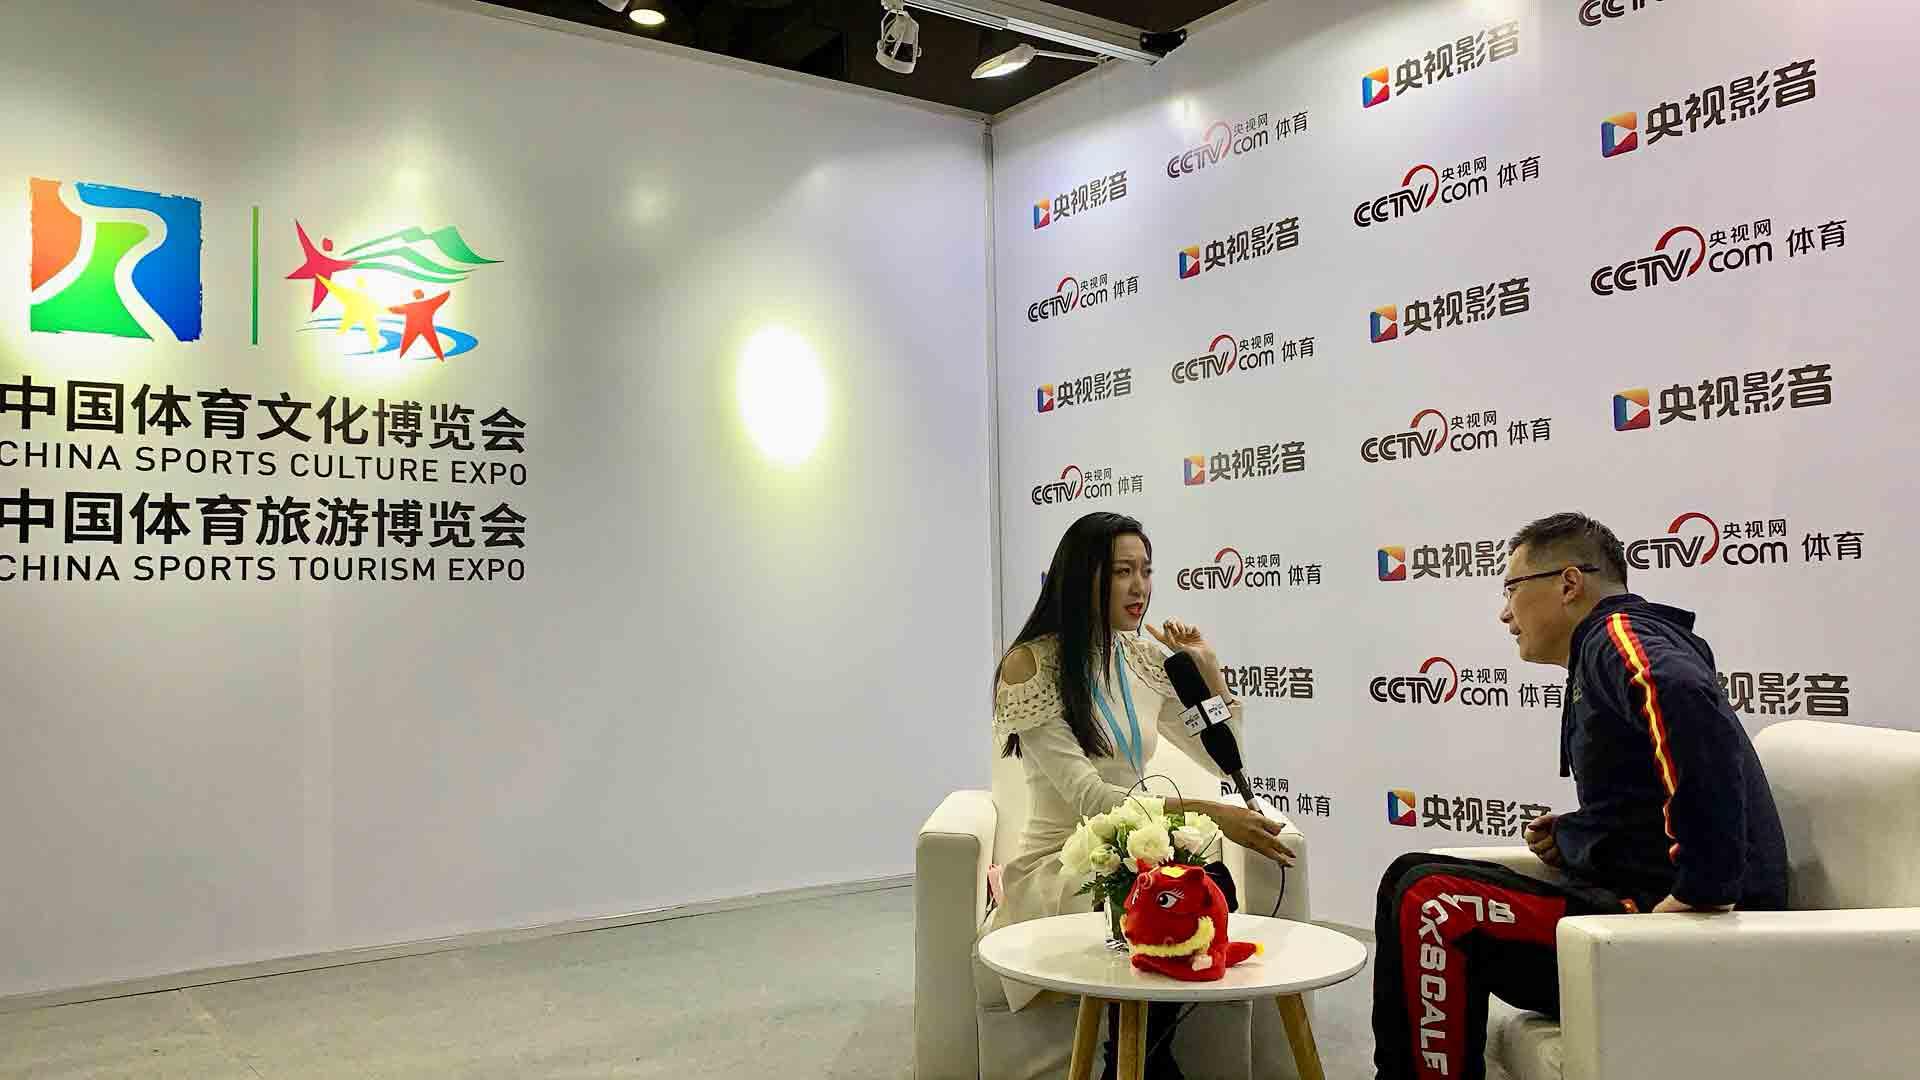 央视影音亮相两博会 助力中国体育产业发展